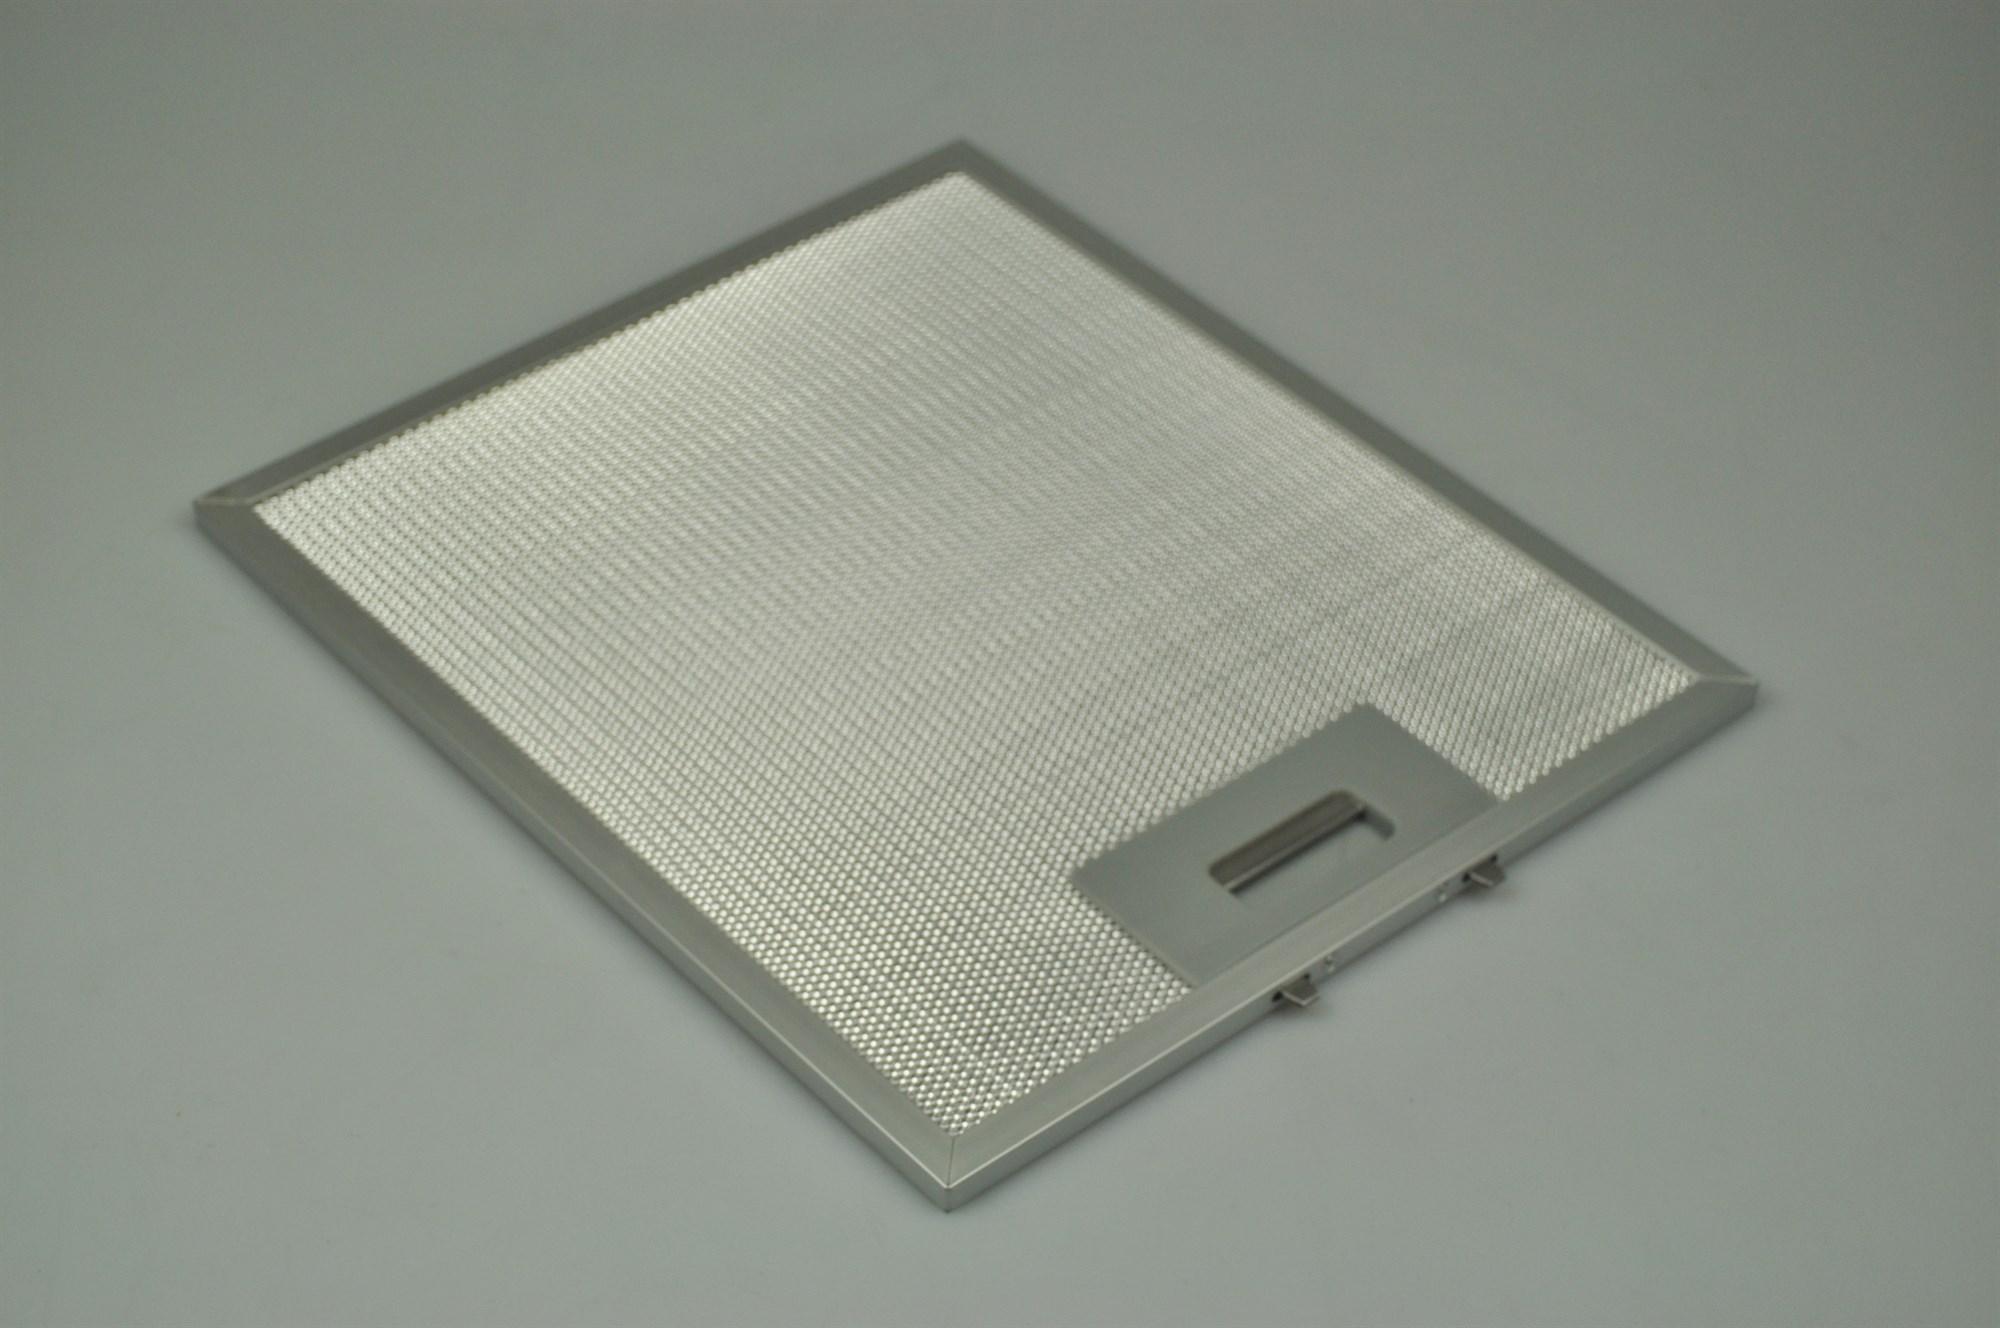 Metallfilter asko dunstabzugshaube mm fettfilter